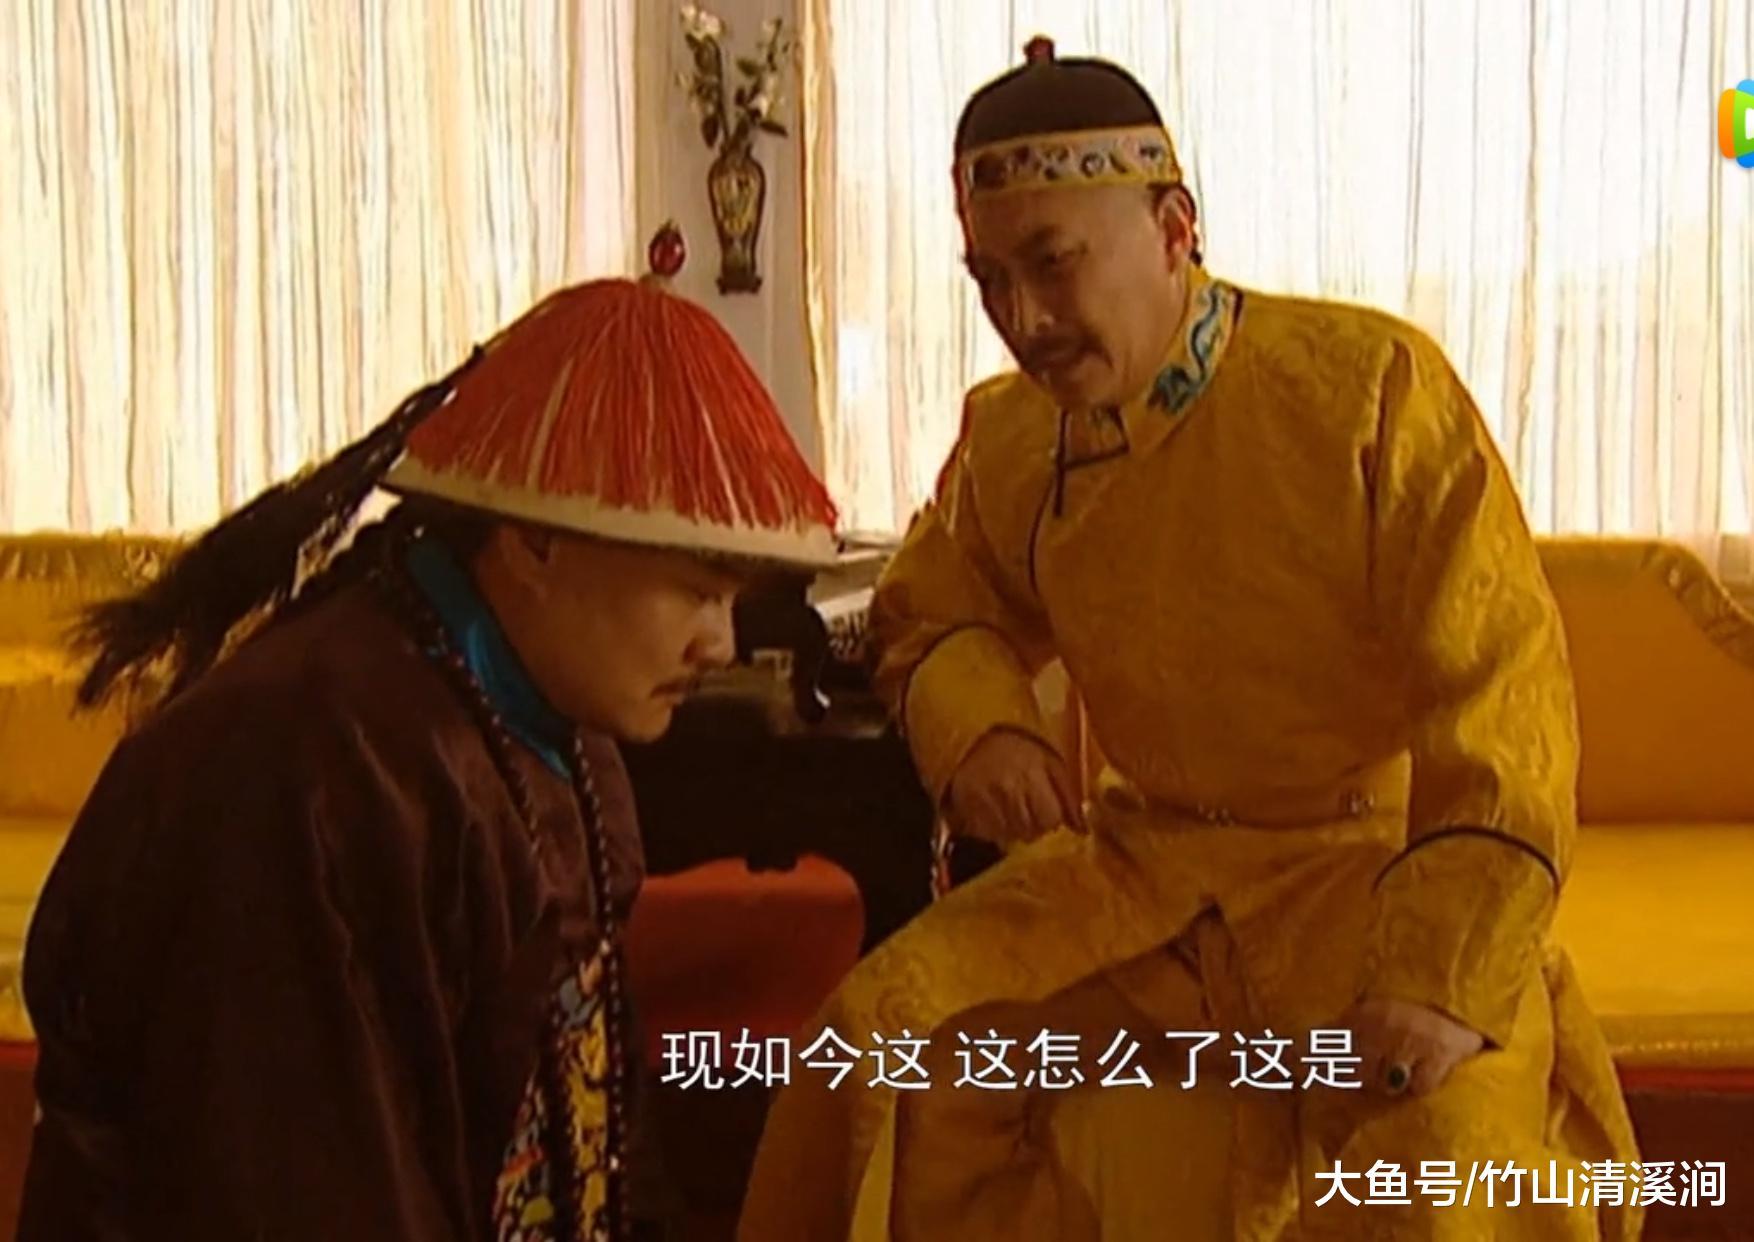 邬思讲让胤祥辞失落铁帽子王,然则胤祥做了铁帽子王,为何却出有事